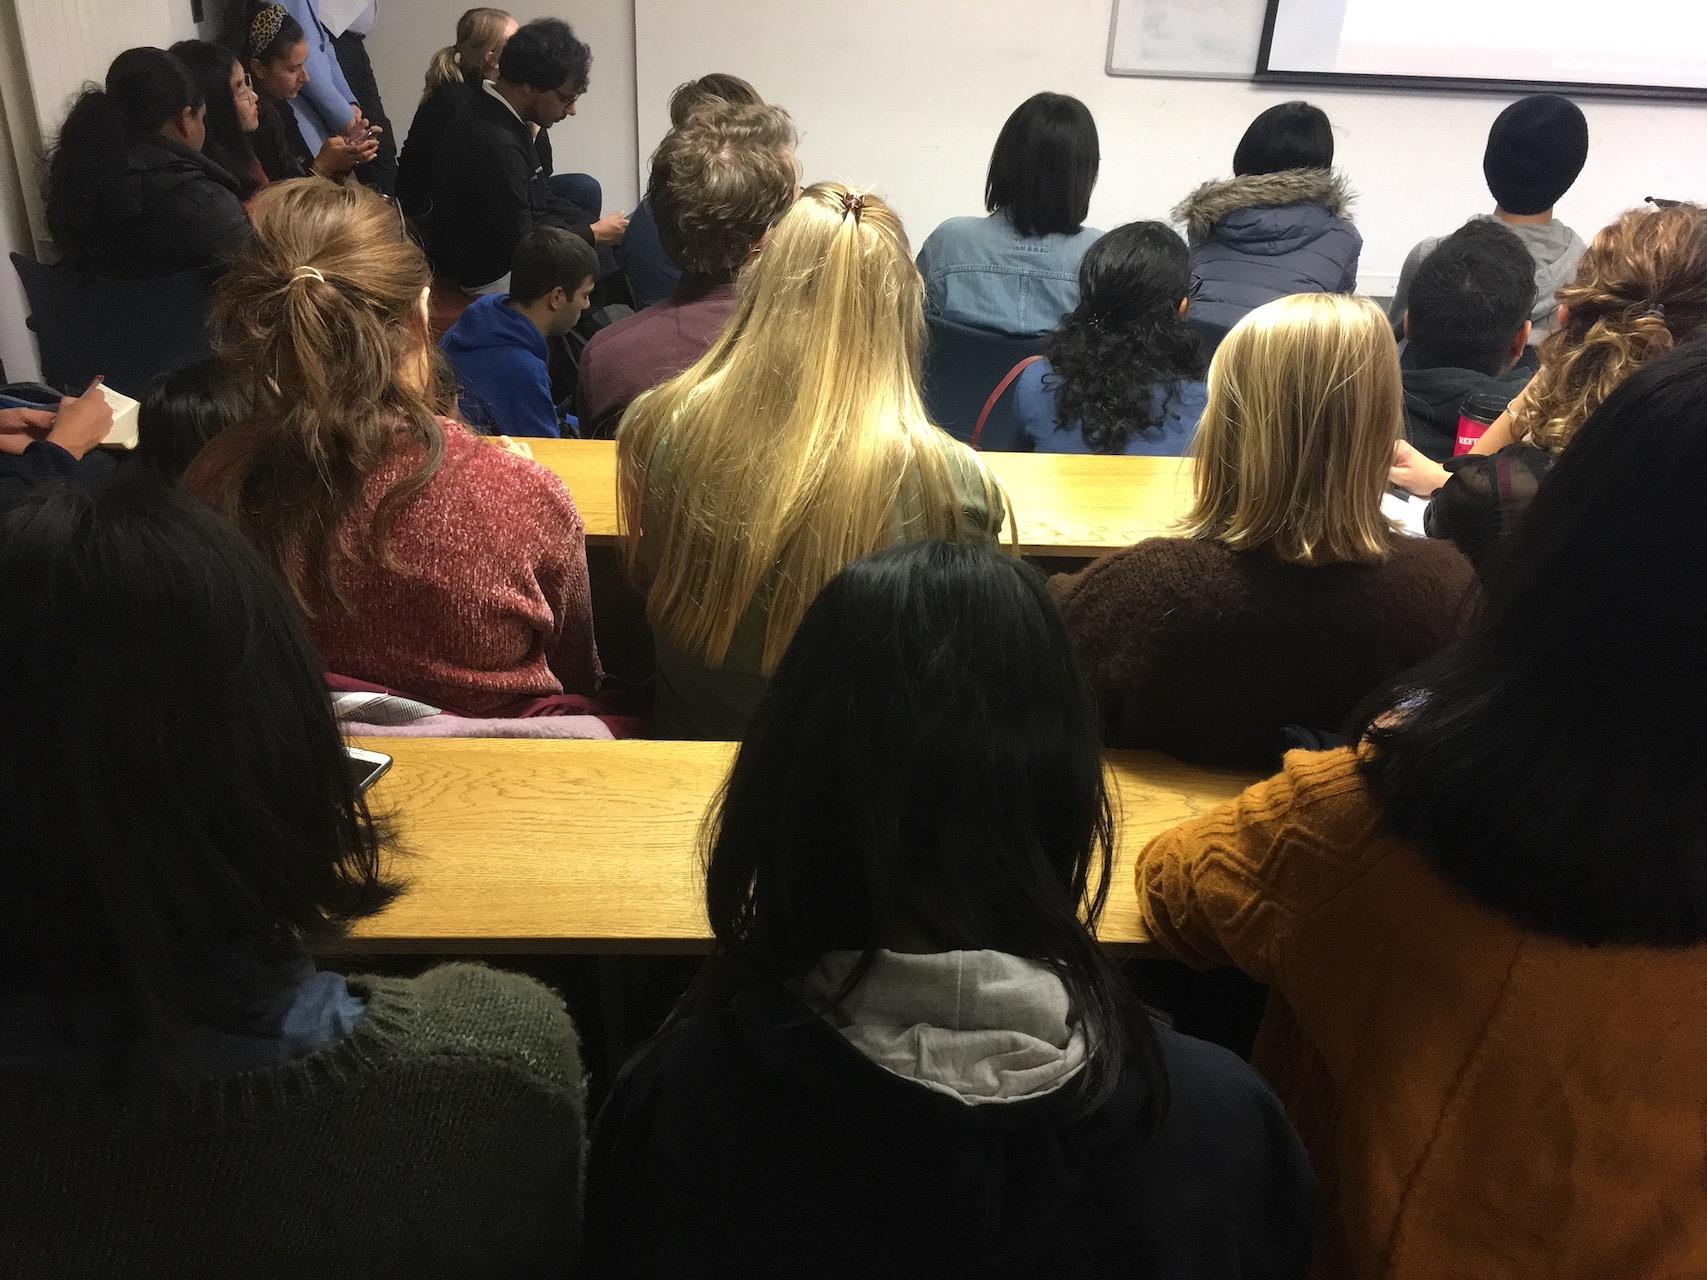 爱大是一个国际化程度非常高的学校,英国本土的学生很少。大学的收入主要来自学生的学费,所以学费特别贵,每年中国留学生为英国的GDP贡献巨大。